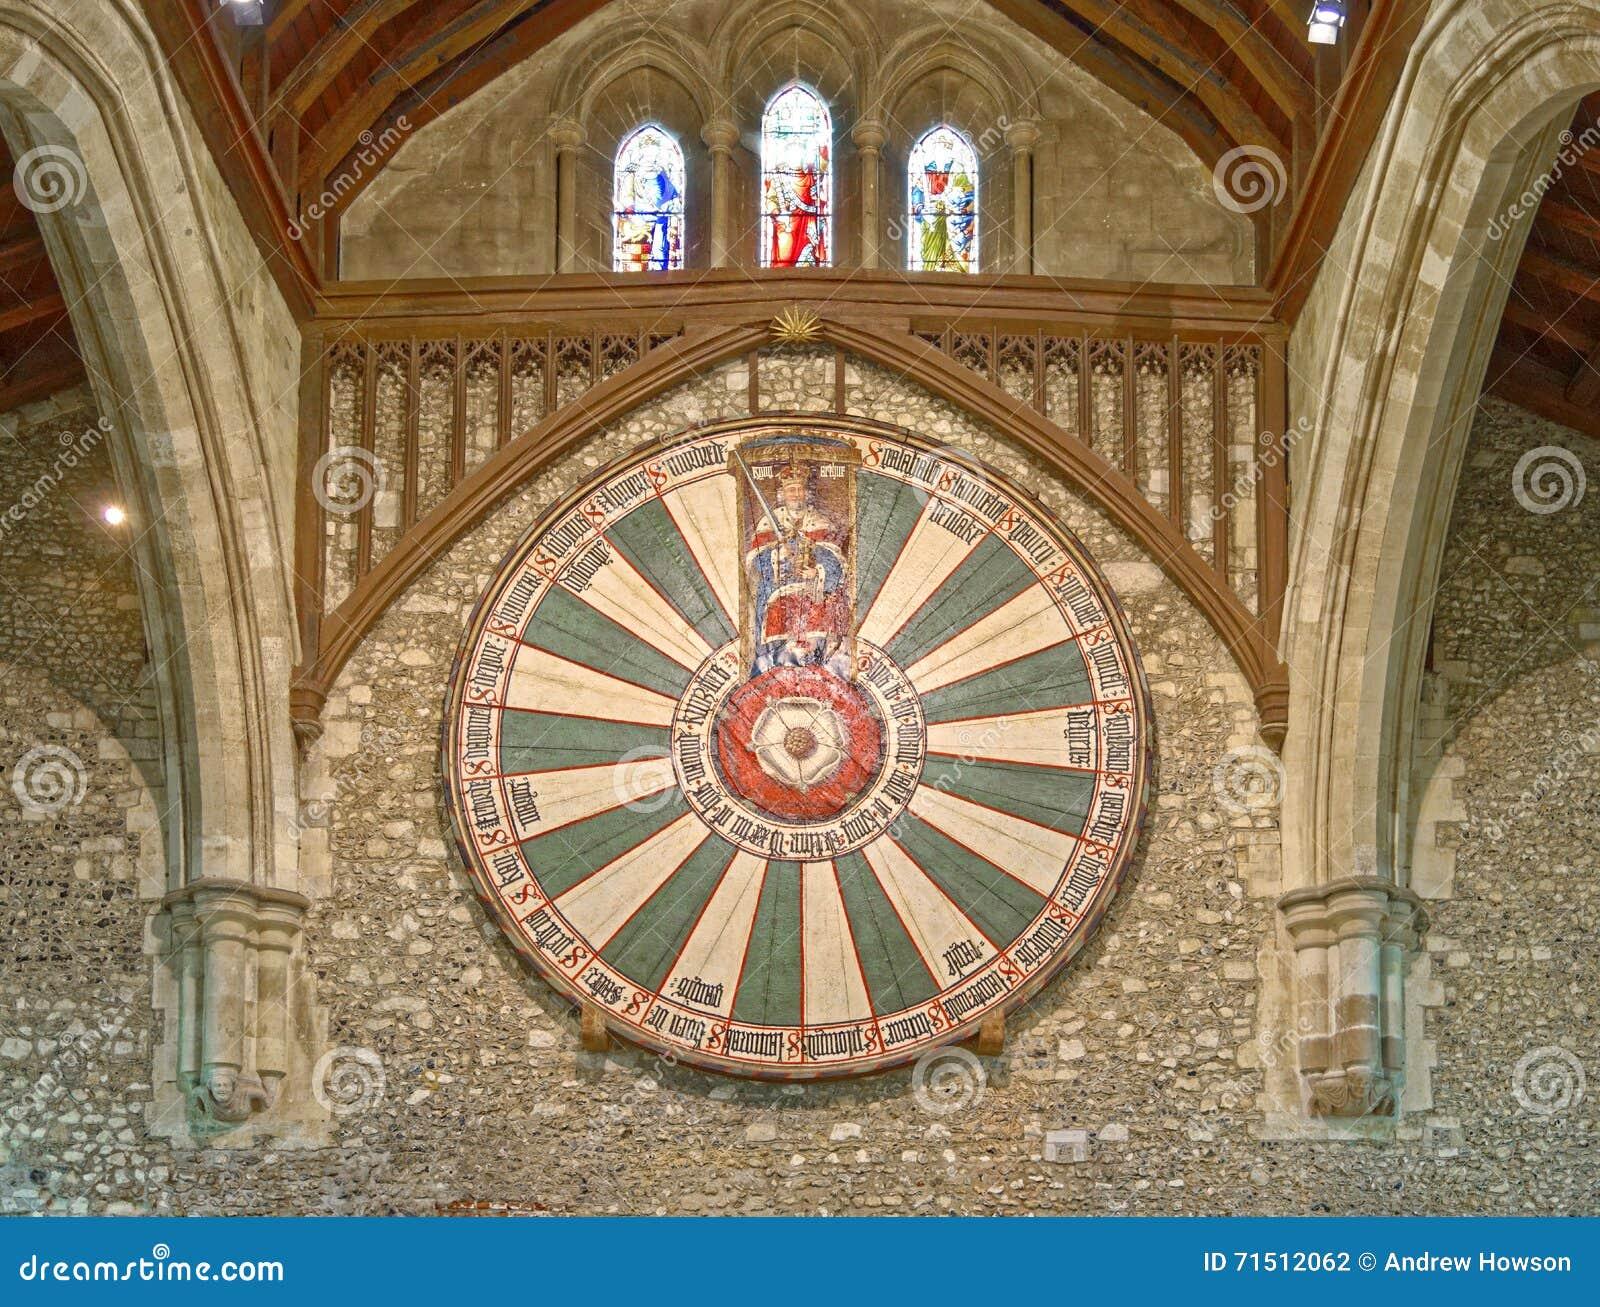 O grande salão do castelo de Winchester em Hampshire, Inglaterra